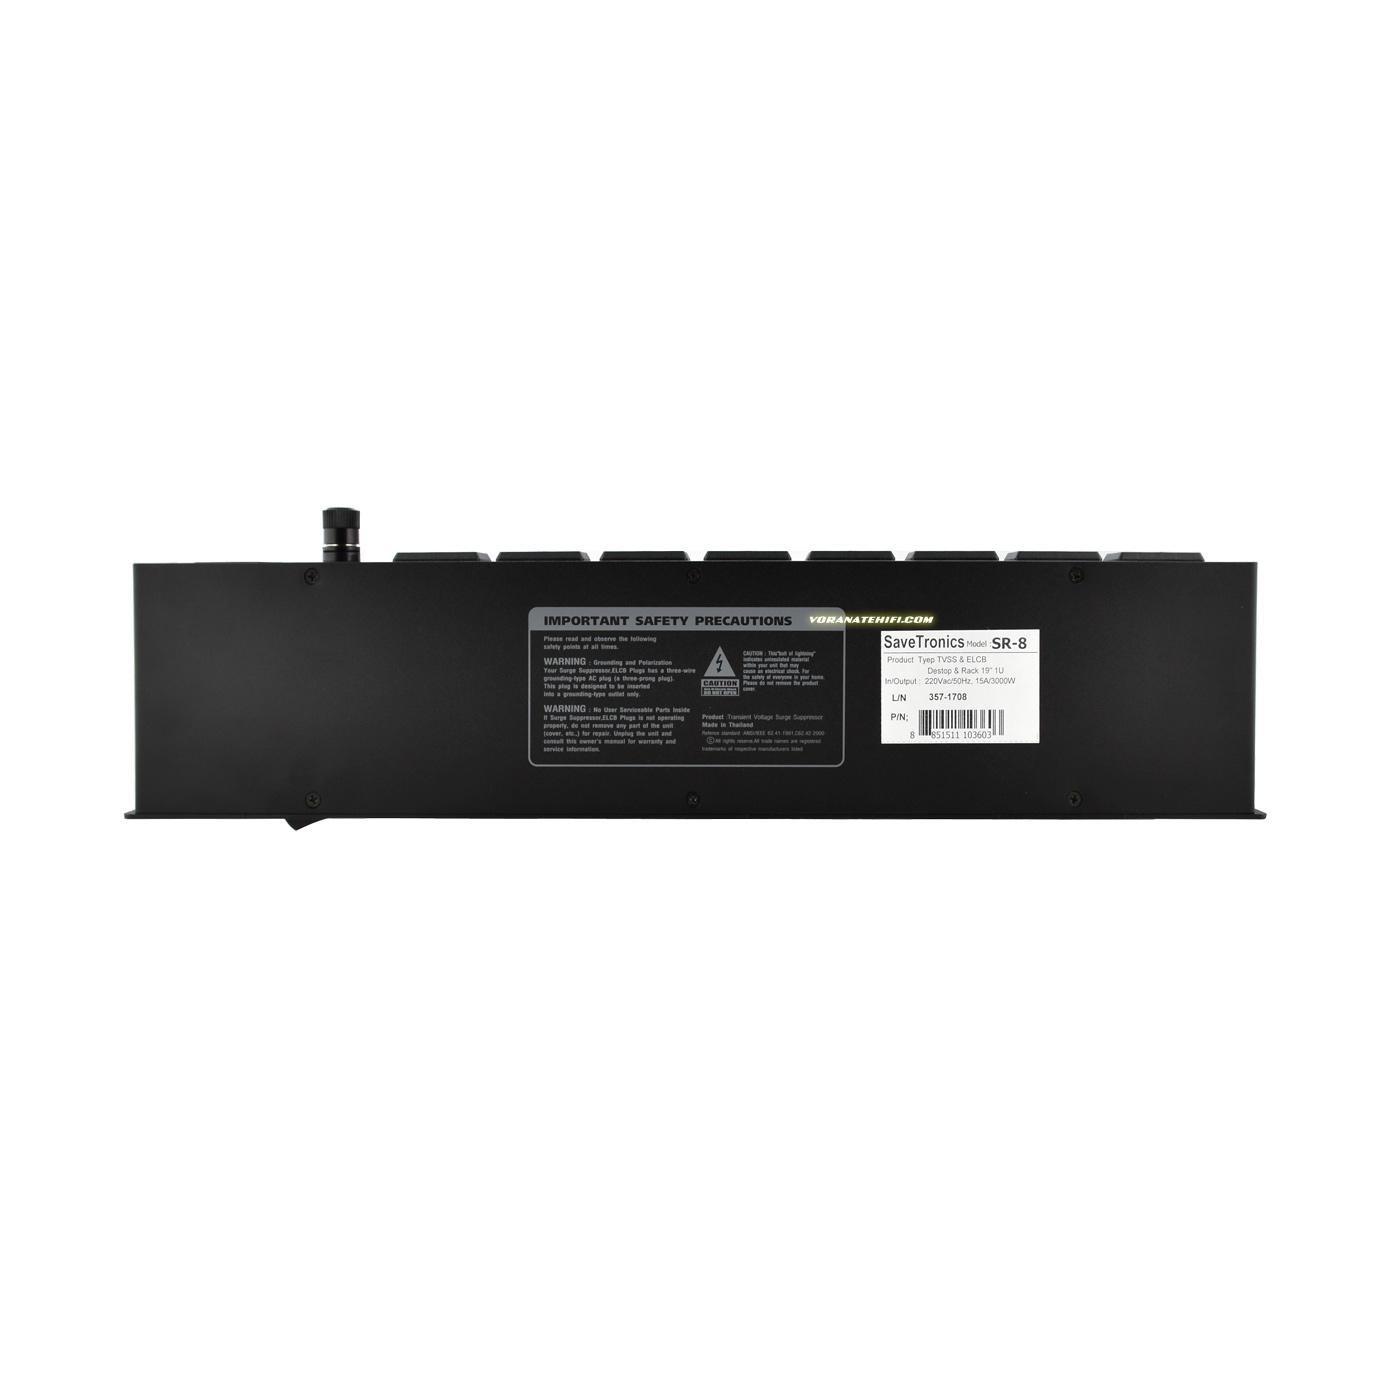 SurgeGuard All New SR-8+HDMI V2.0 รางปลั๊กไฟ เครื่องกรองไฟ กันไฟกระชาก 1